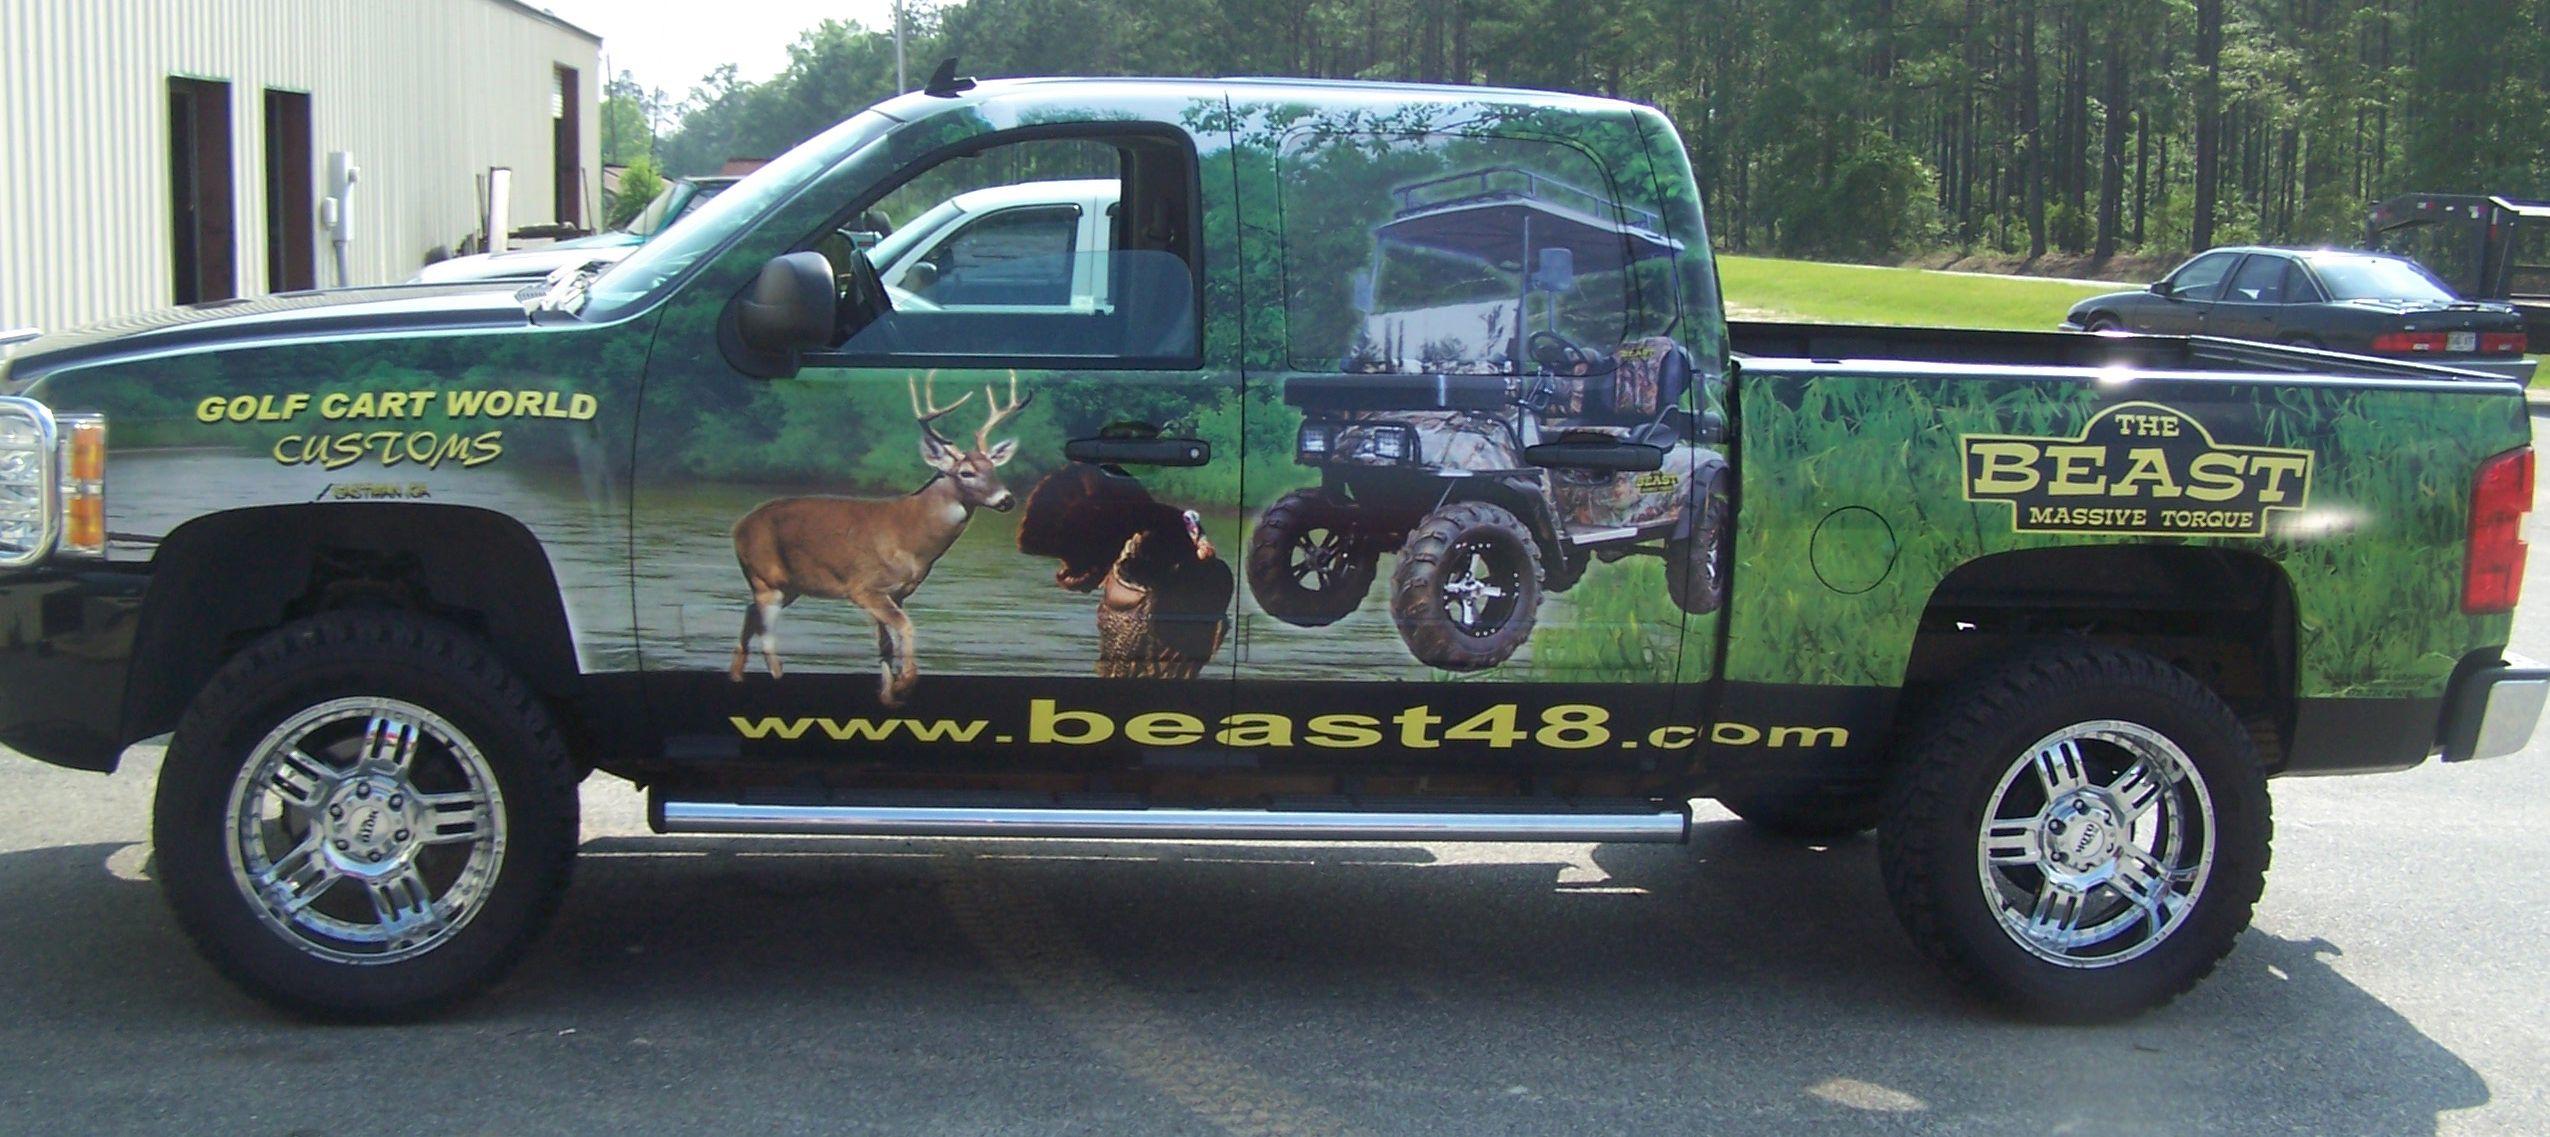 EvolutionD Body Accent Decals Auto Pinterest Truck Decals - Truck decals custom